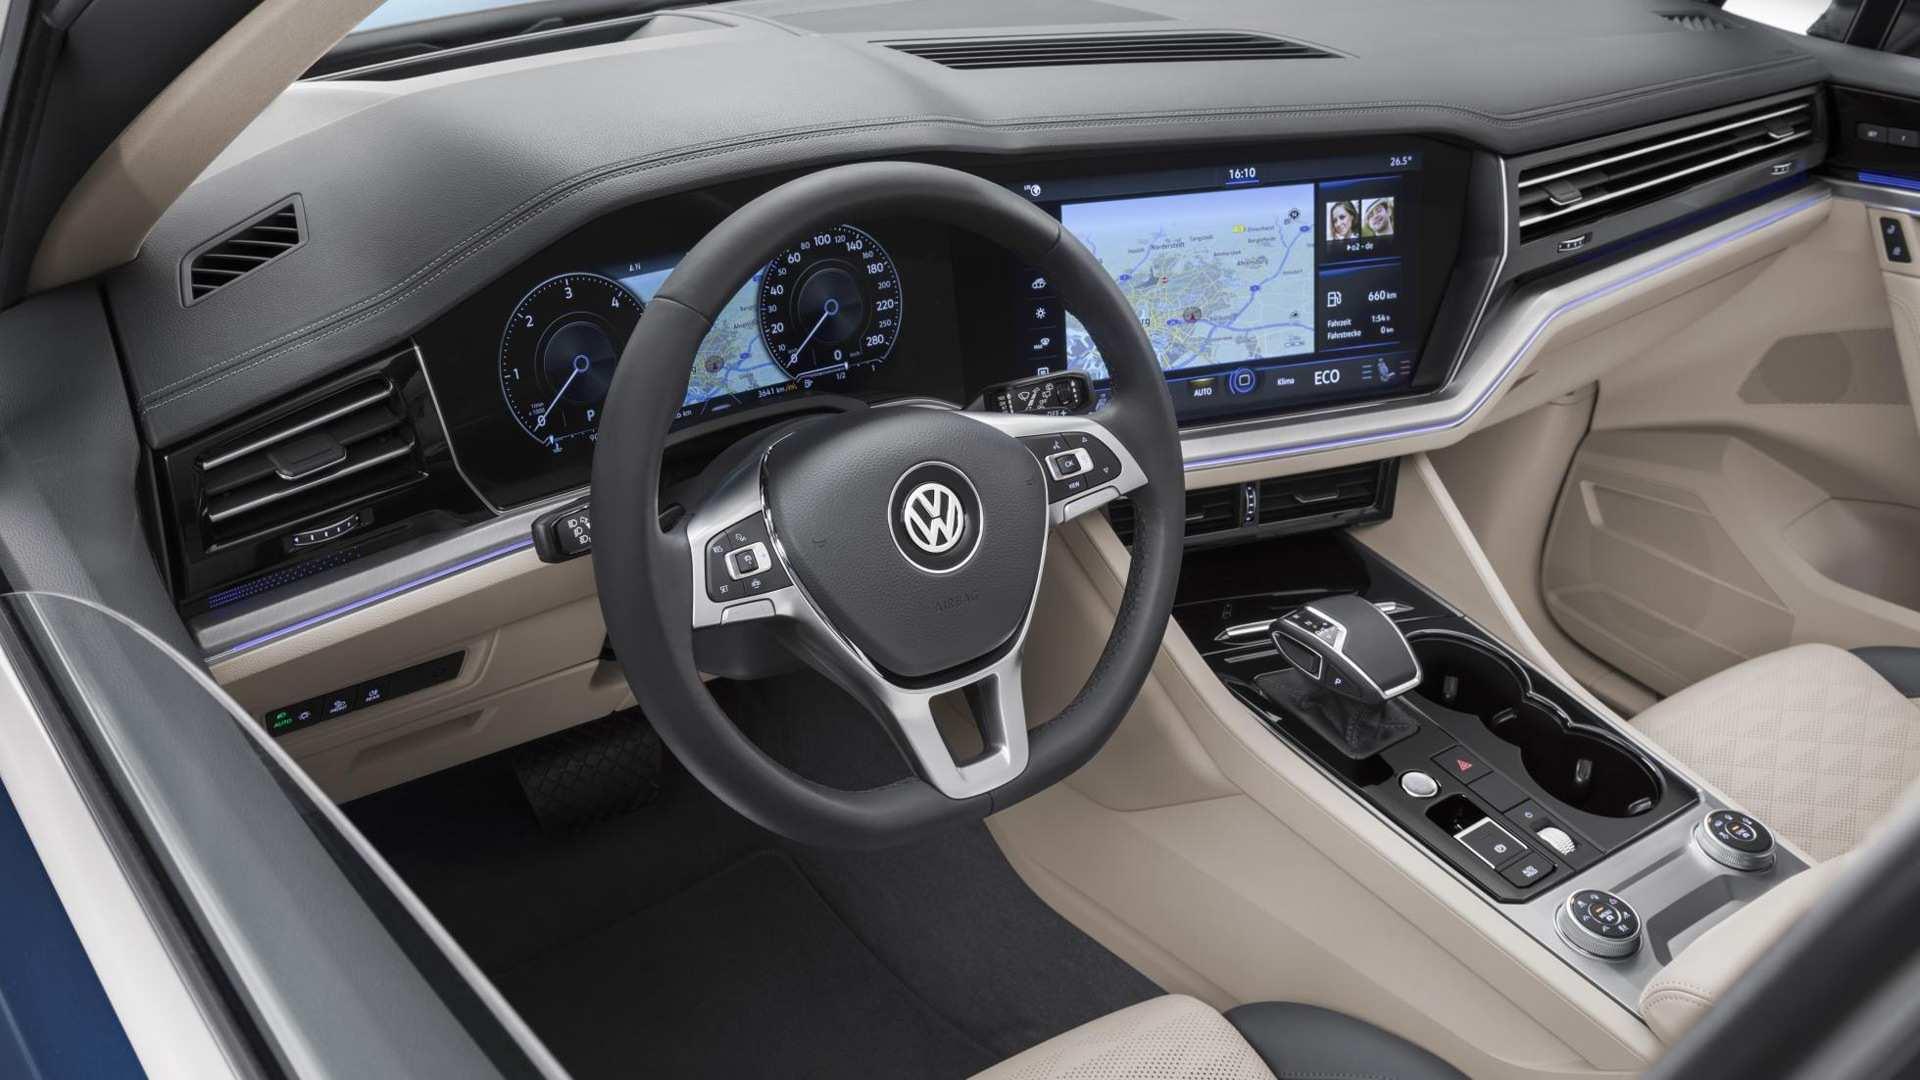 45 All New Touareg VW 2020 Price with Touareg VW 2020